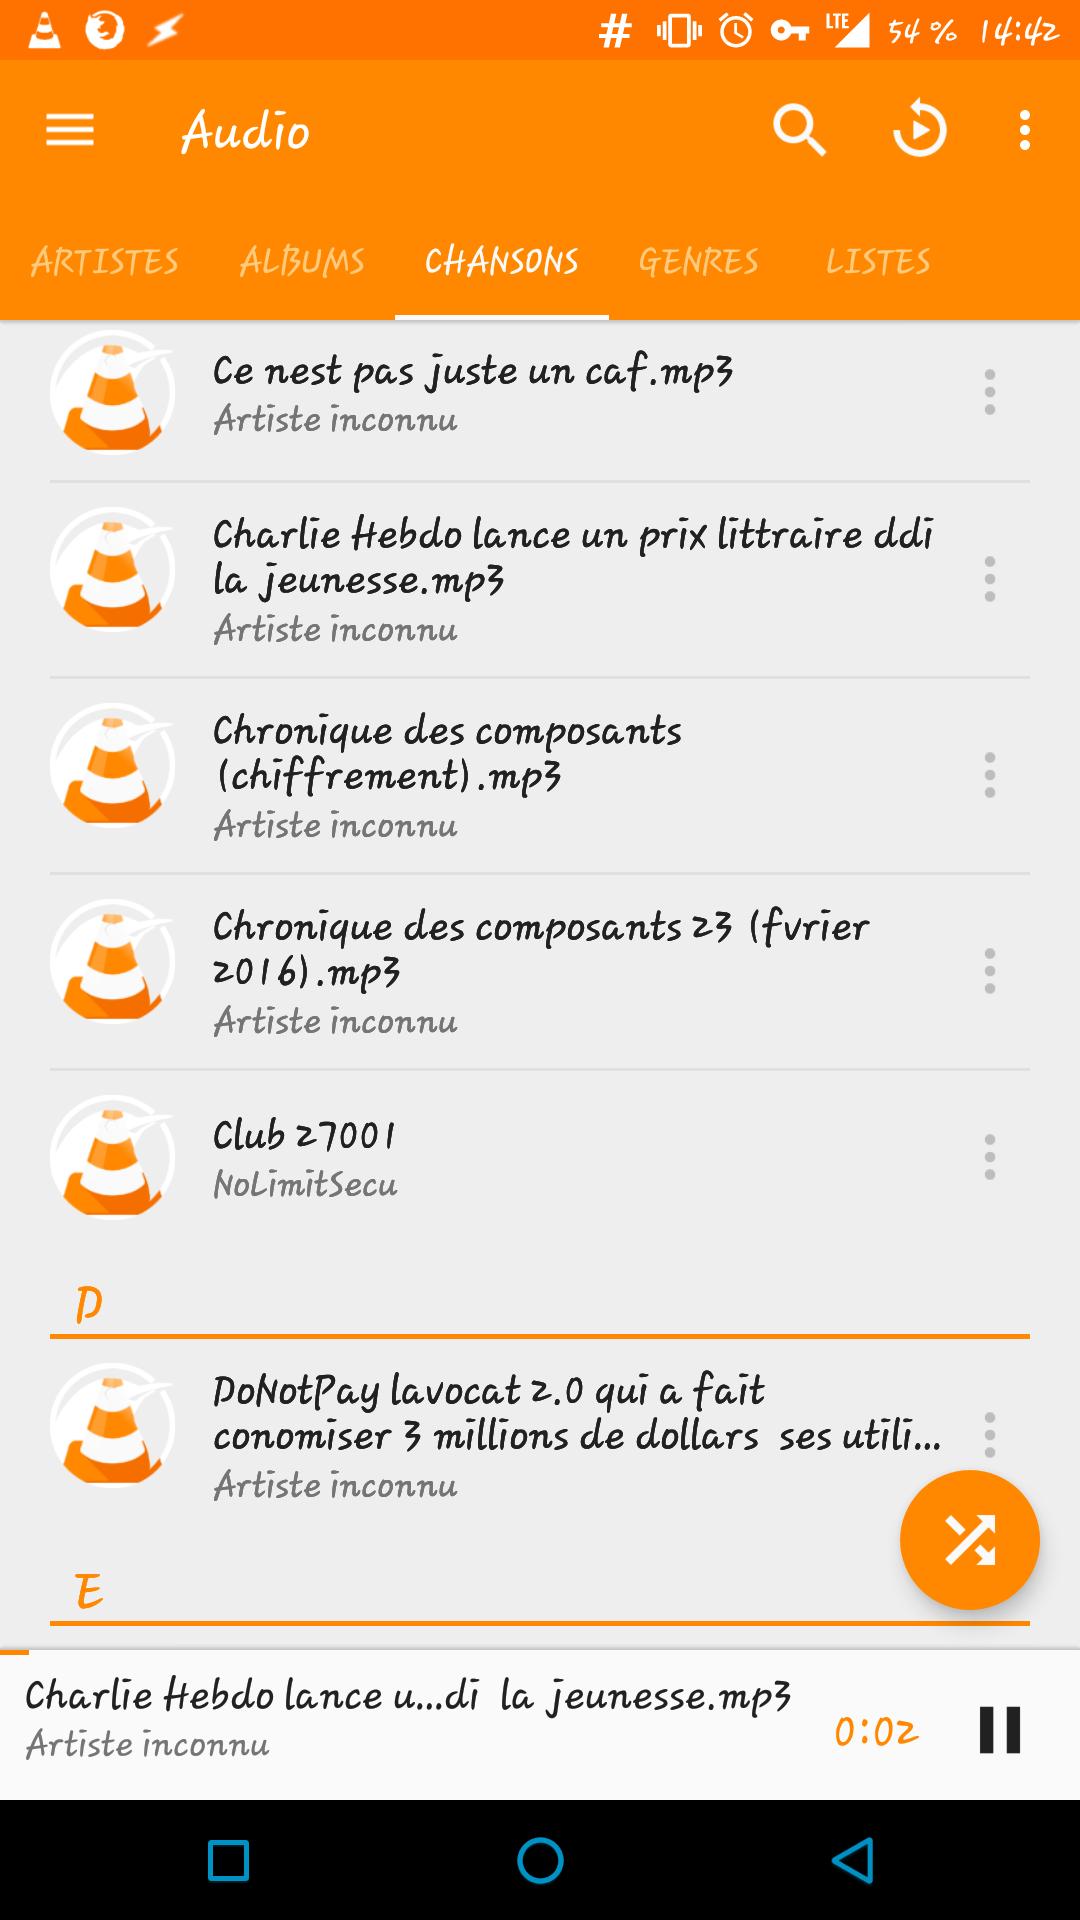 [ASTUCE] Créer une liste de lecture (playlist) avec VLC sous Android 145682351762120